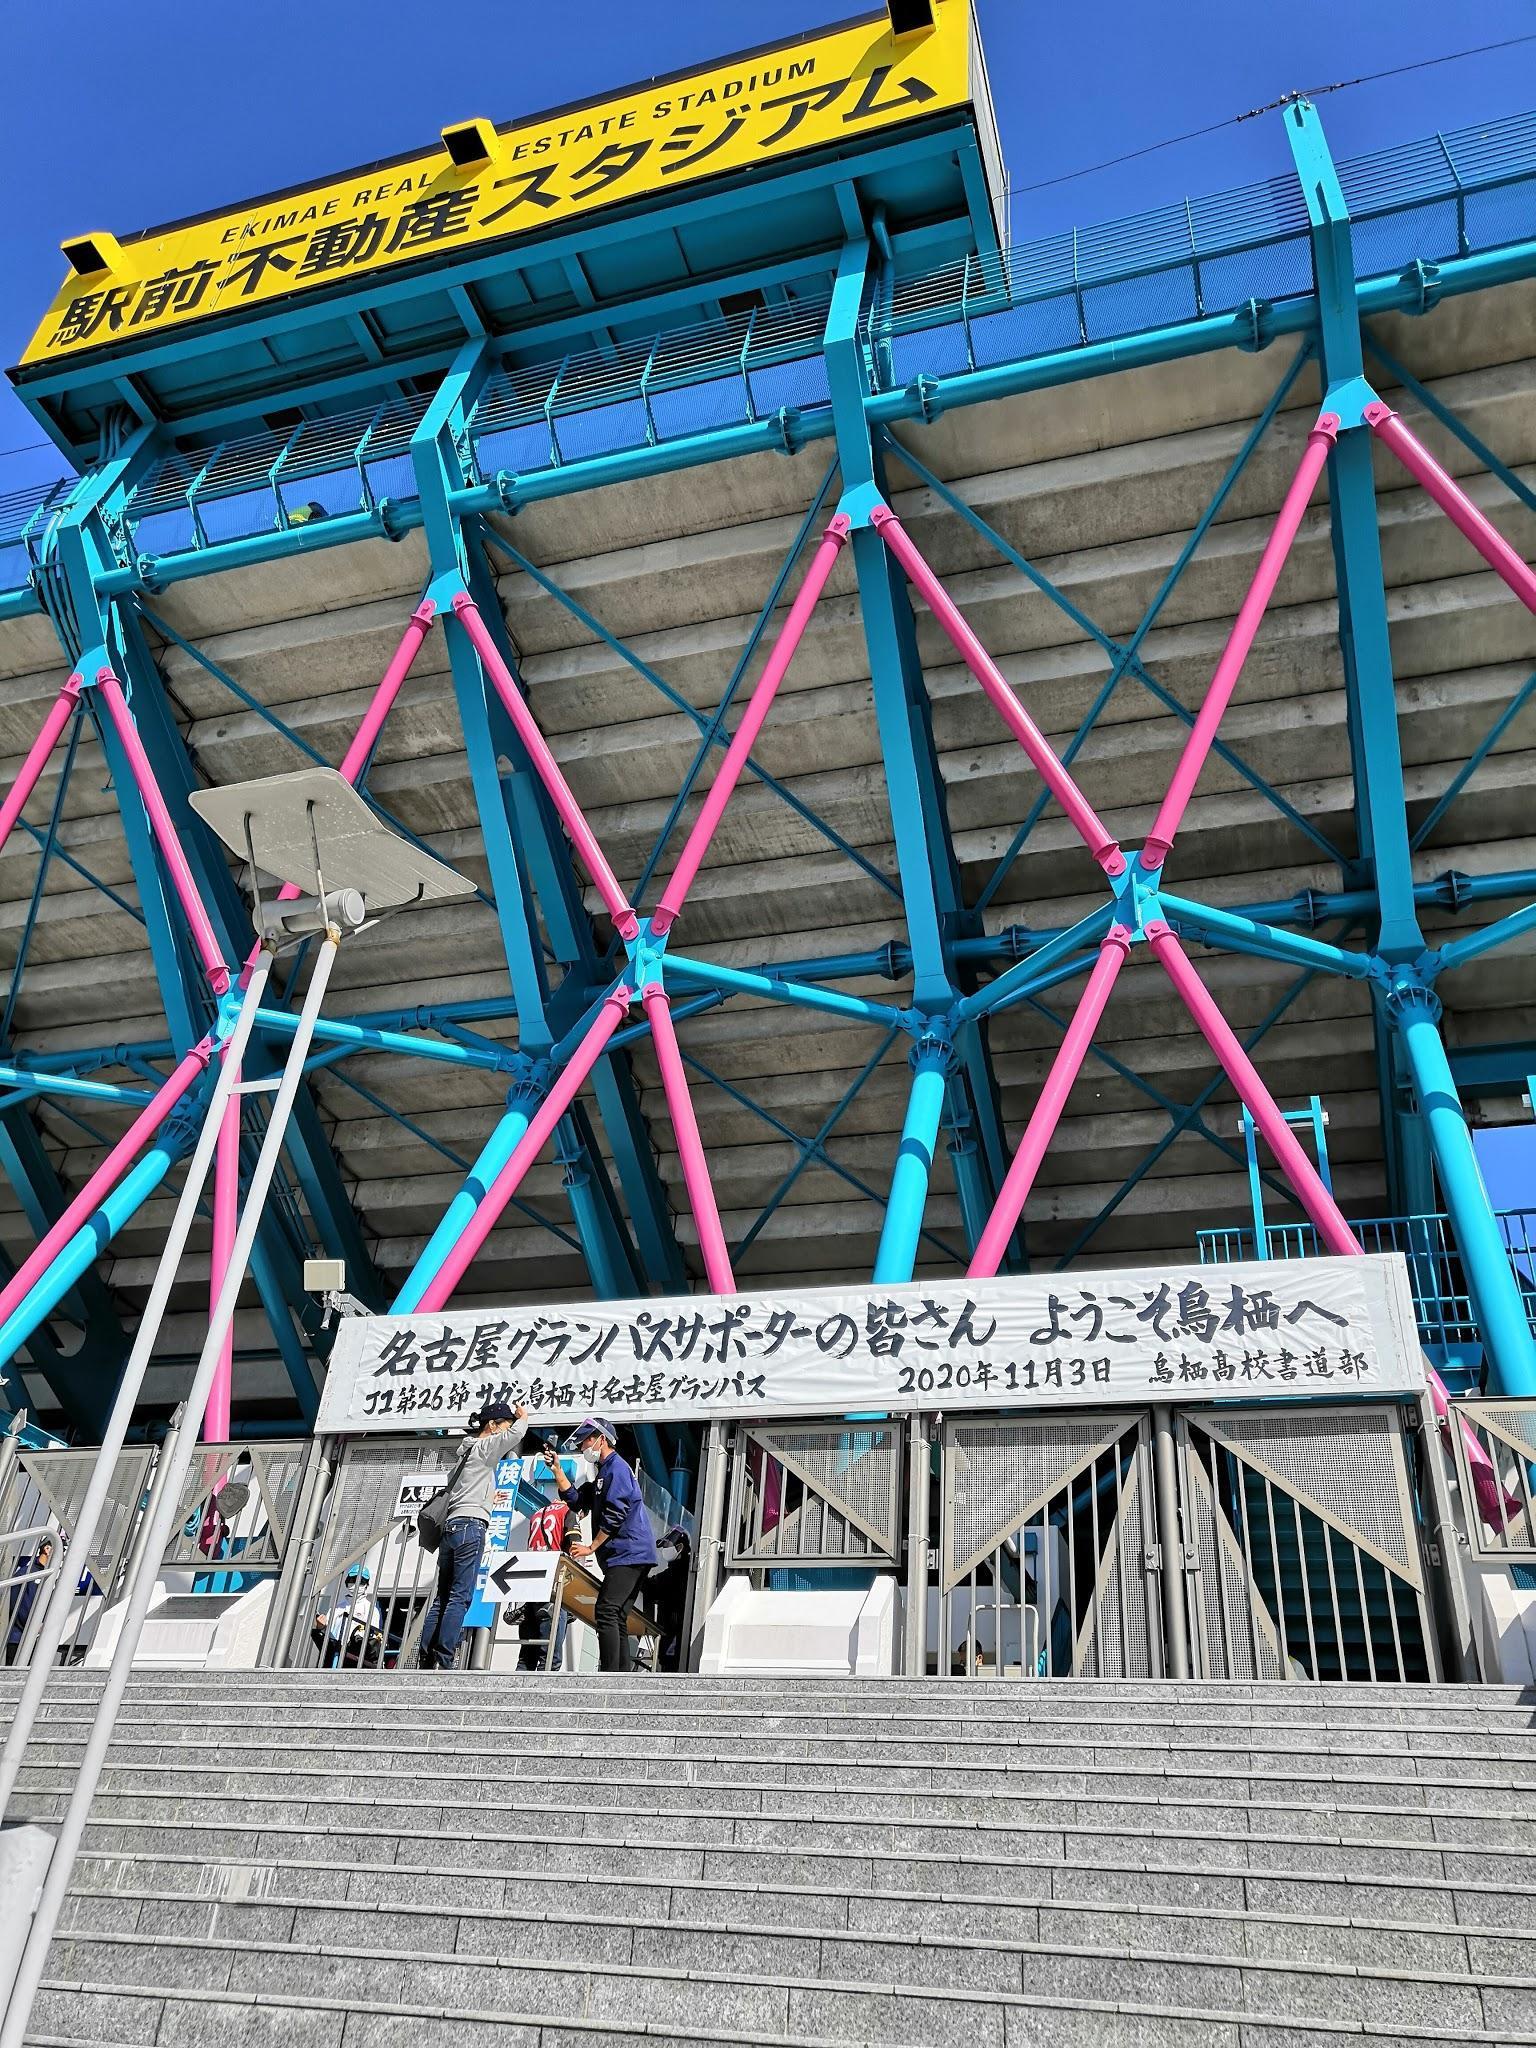 駅前不動産スタジアムのアウェイ入場口